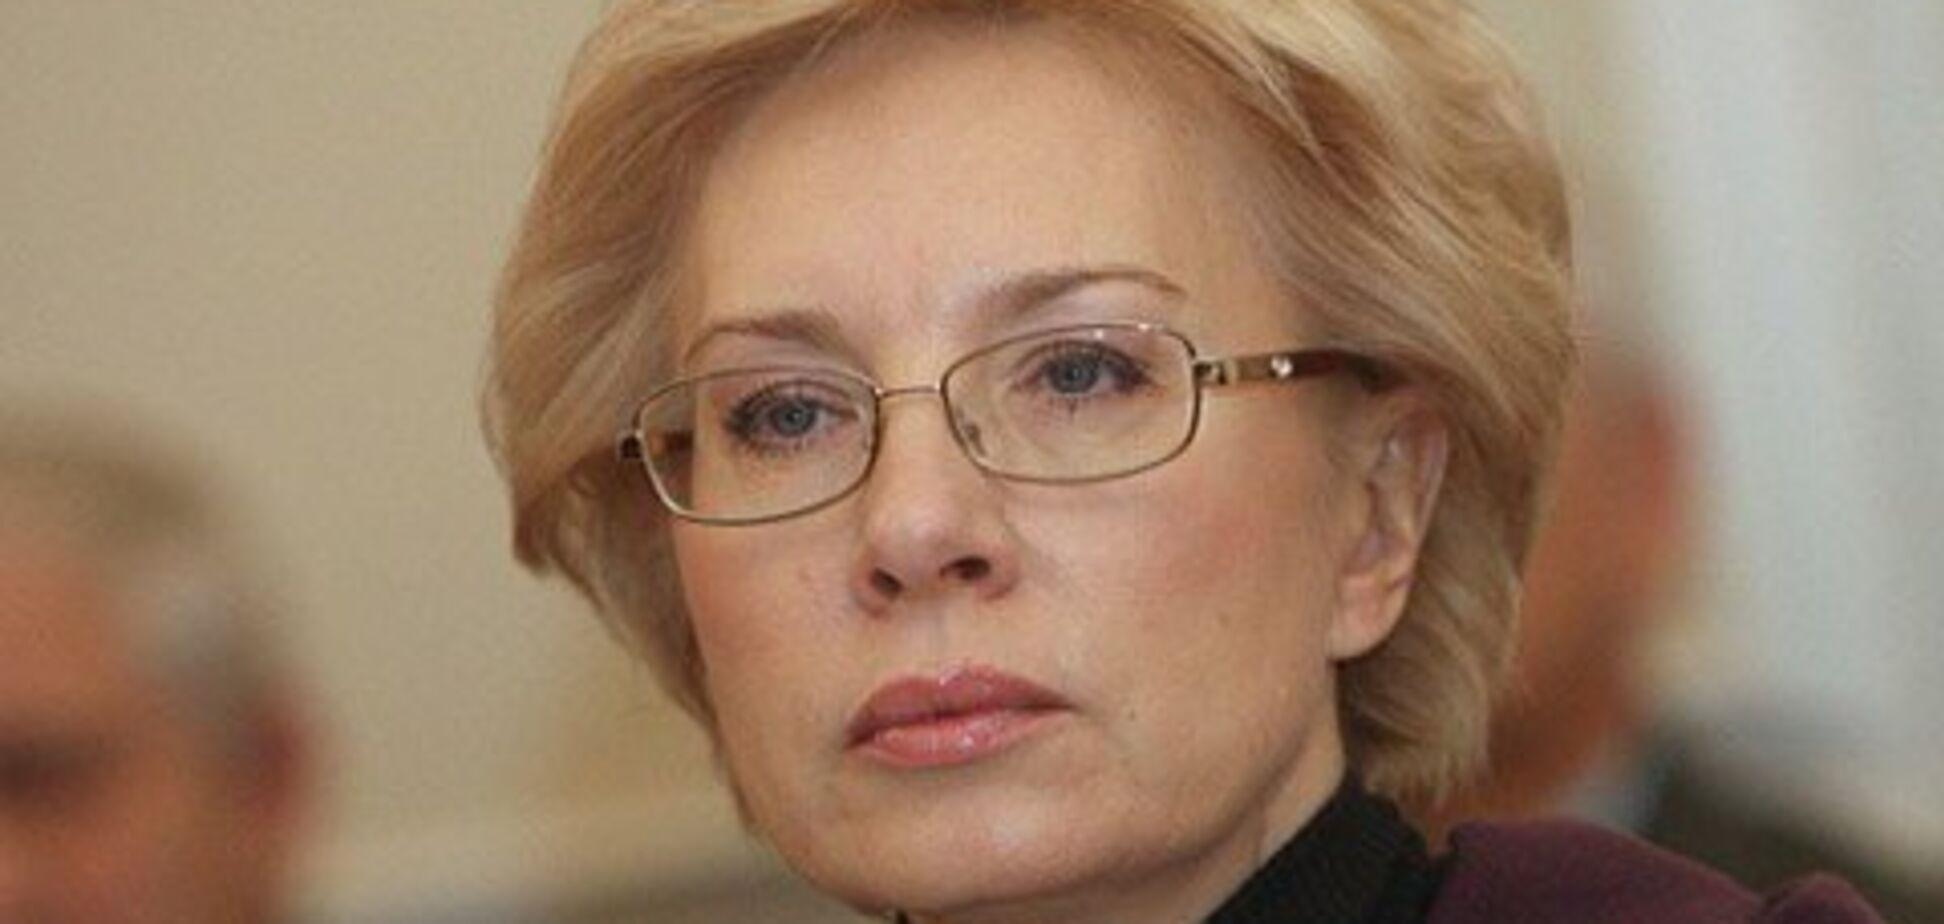 'Багато 'приємного' почує': в Криму їдко відповіли українському омбудсмену